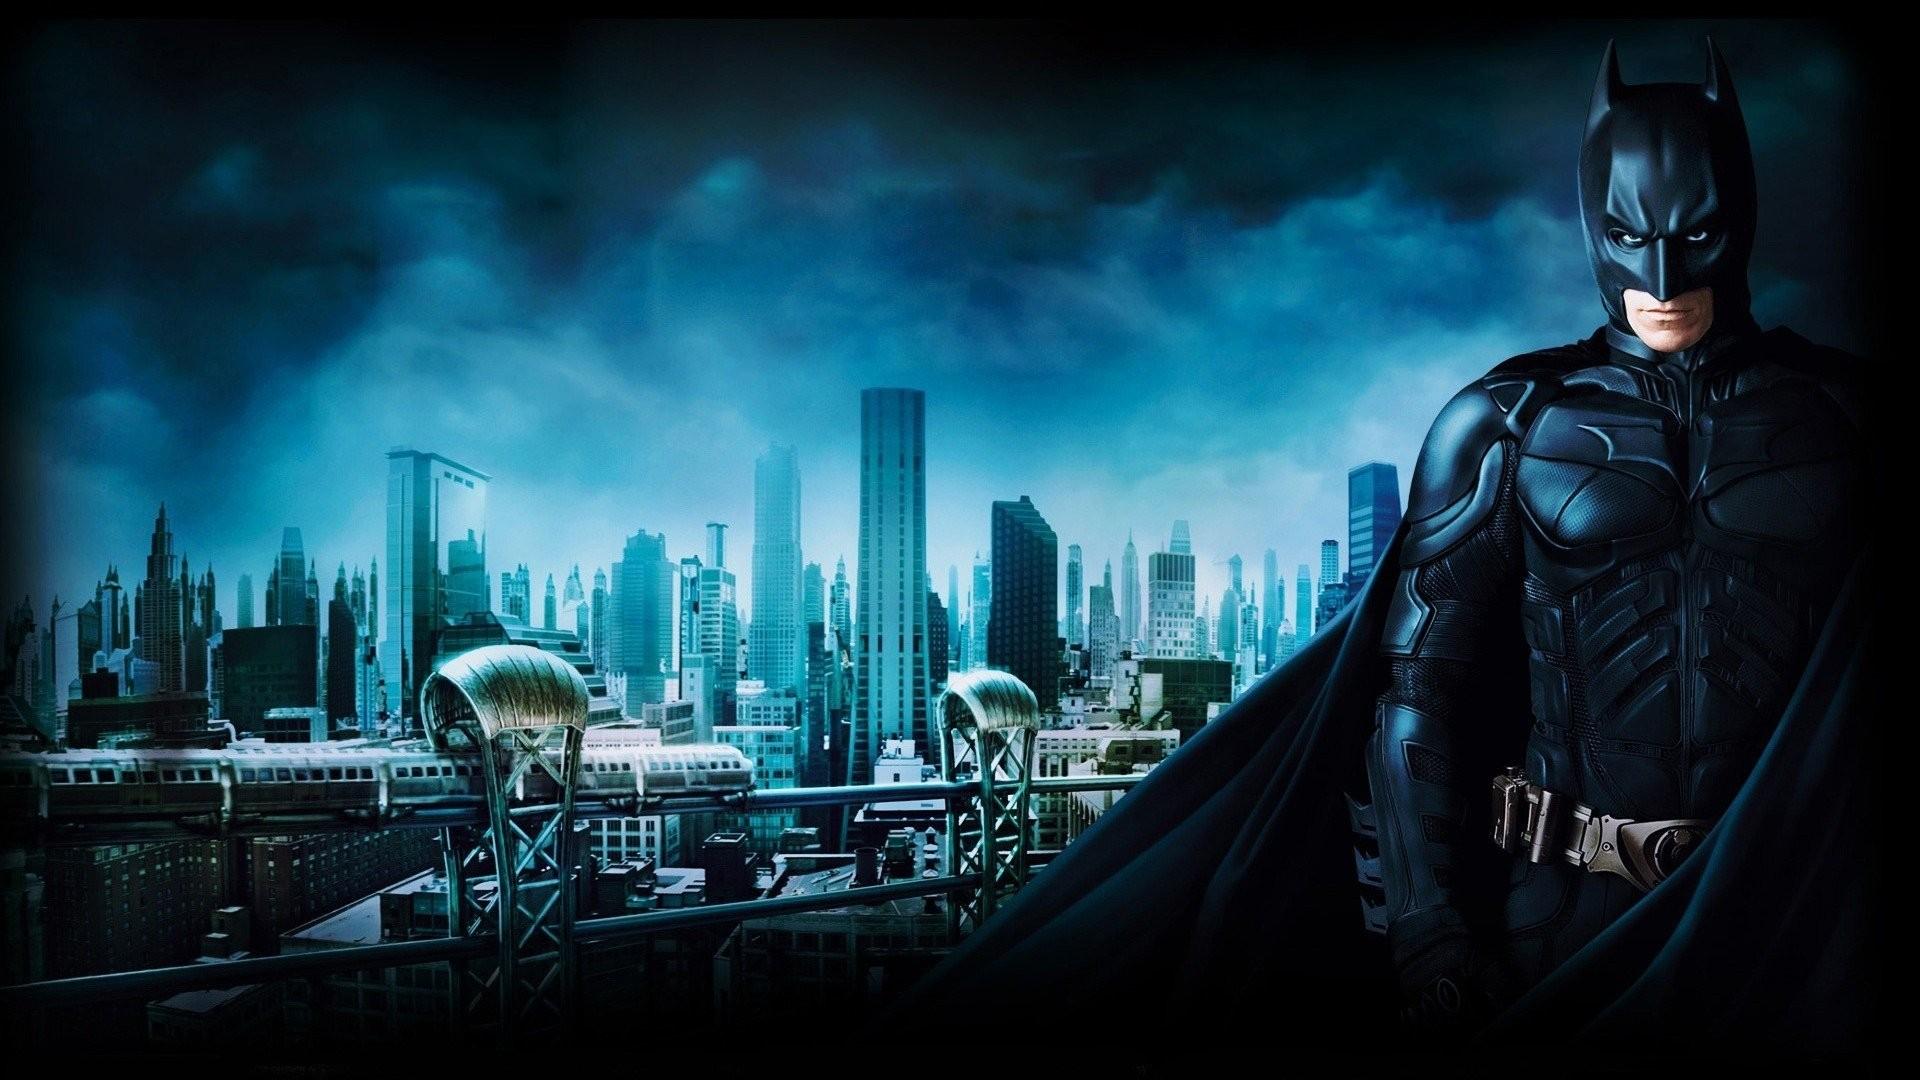 Dark Knight pc wallpaper